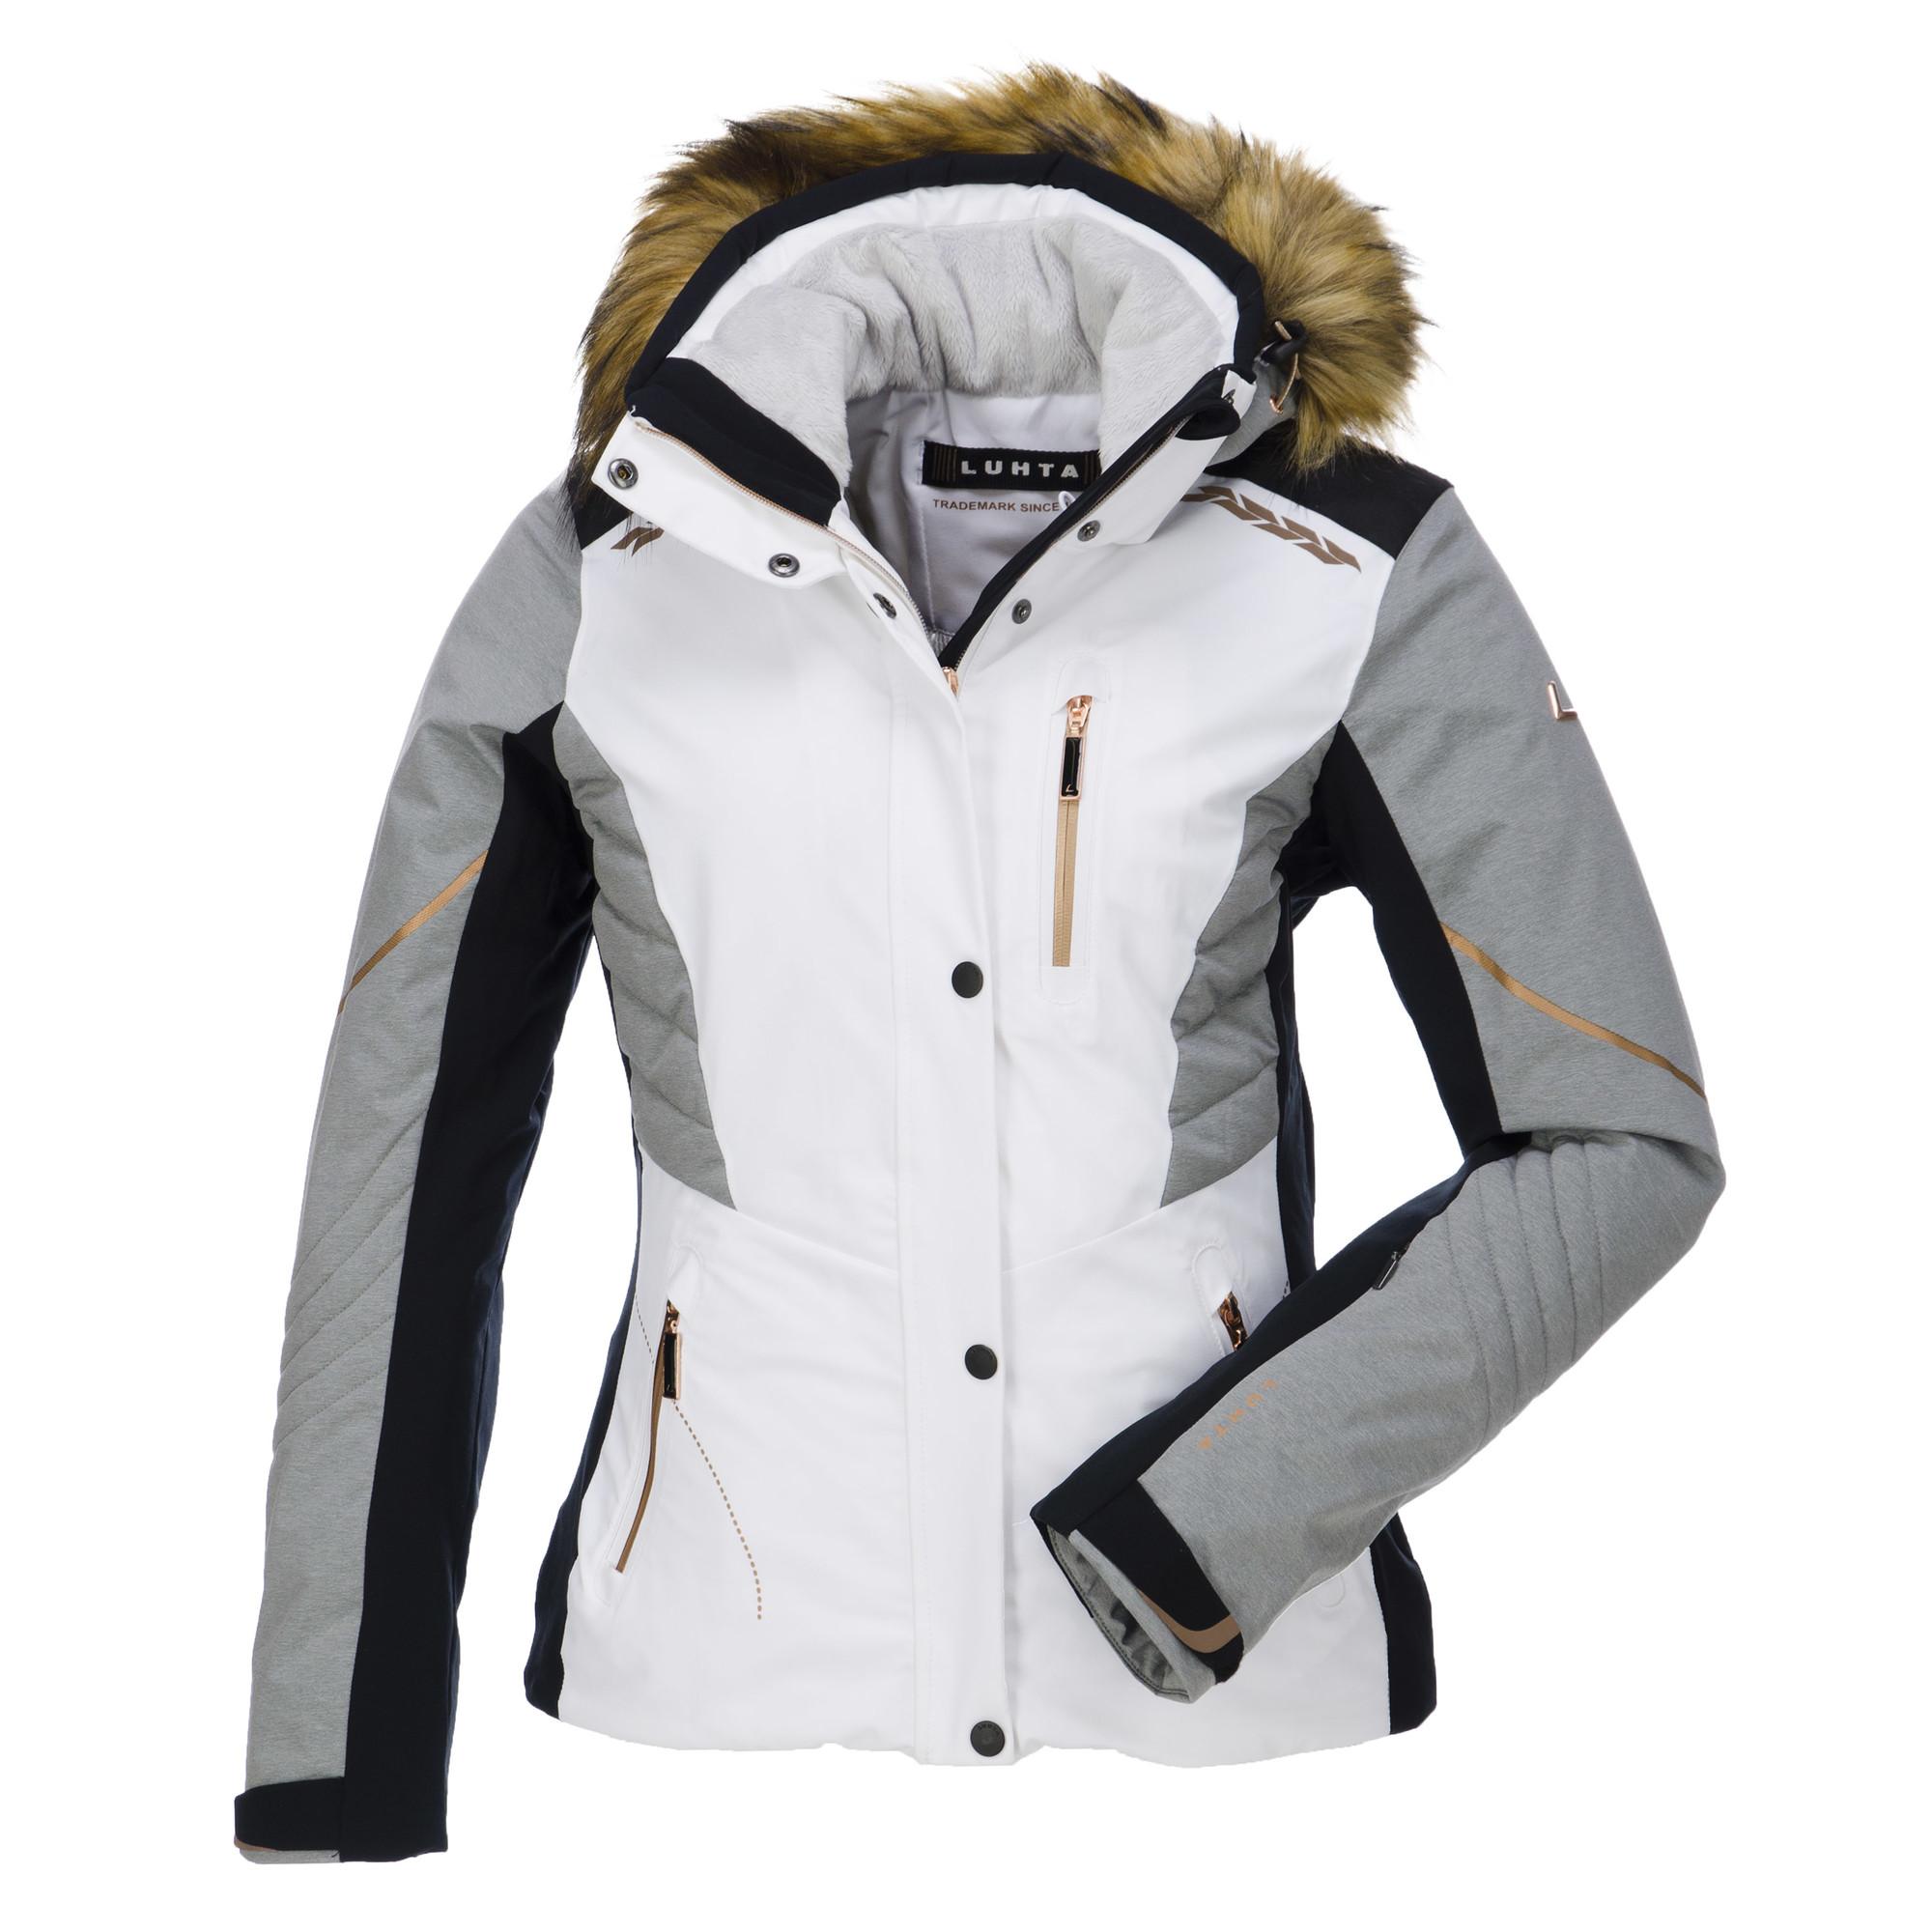 luhta gerda ski jas dames wit. Black Bedroom Furniture Sets. Home Design Ideas